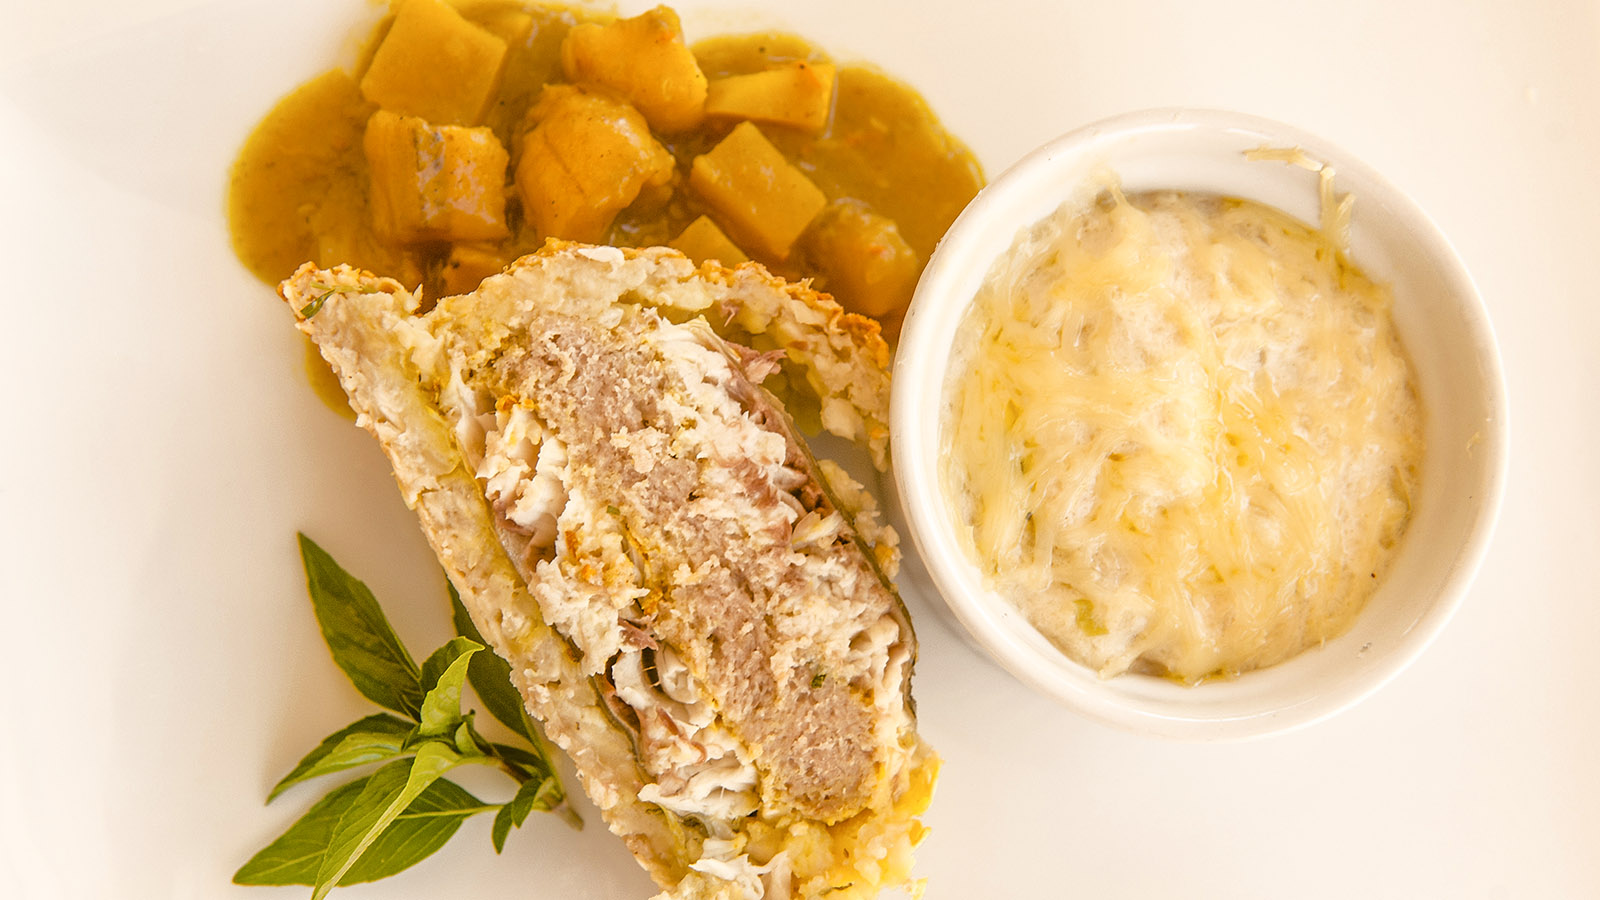 Loup Caraibes, gefüllt mit Thunfisch, umhüllt mit Brotfrucht: ein eKreation von In kleinen Gruppen zeigt Claire-Marie Dubois. Foto: Hilke Maunder